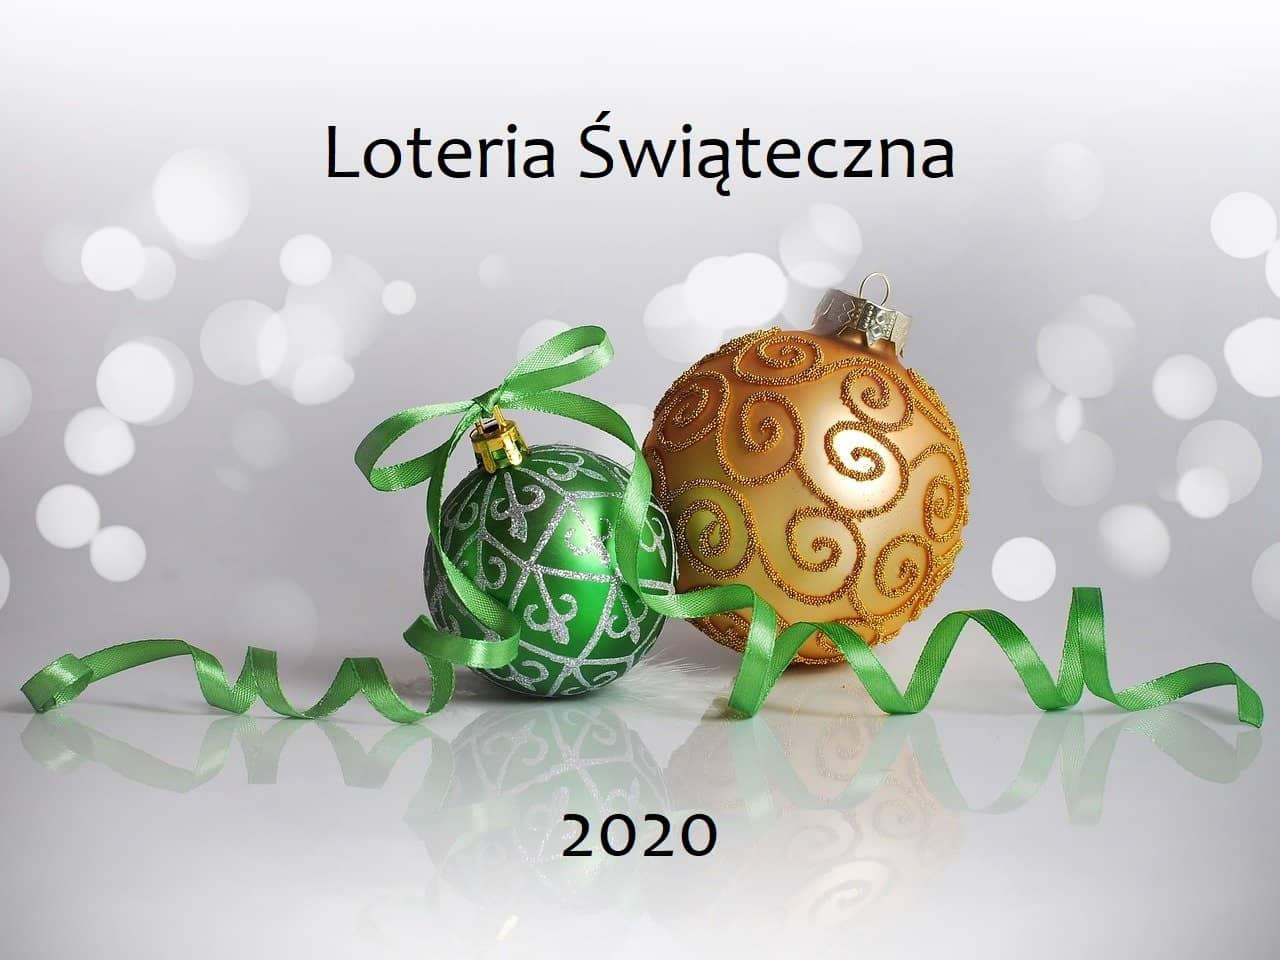 lotto świąteczna loteria